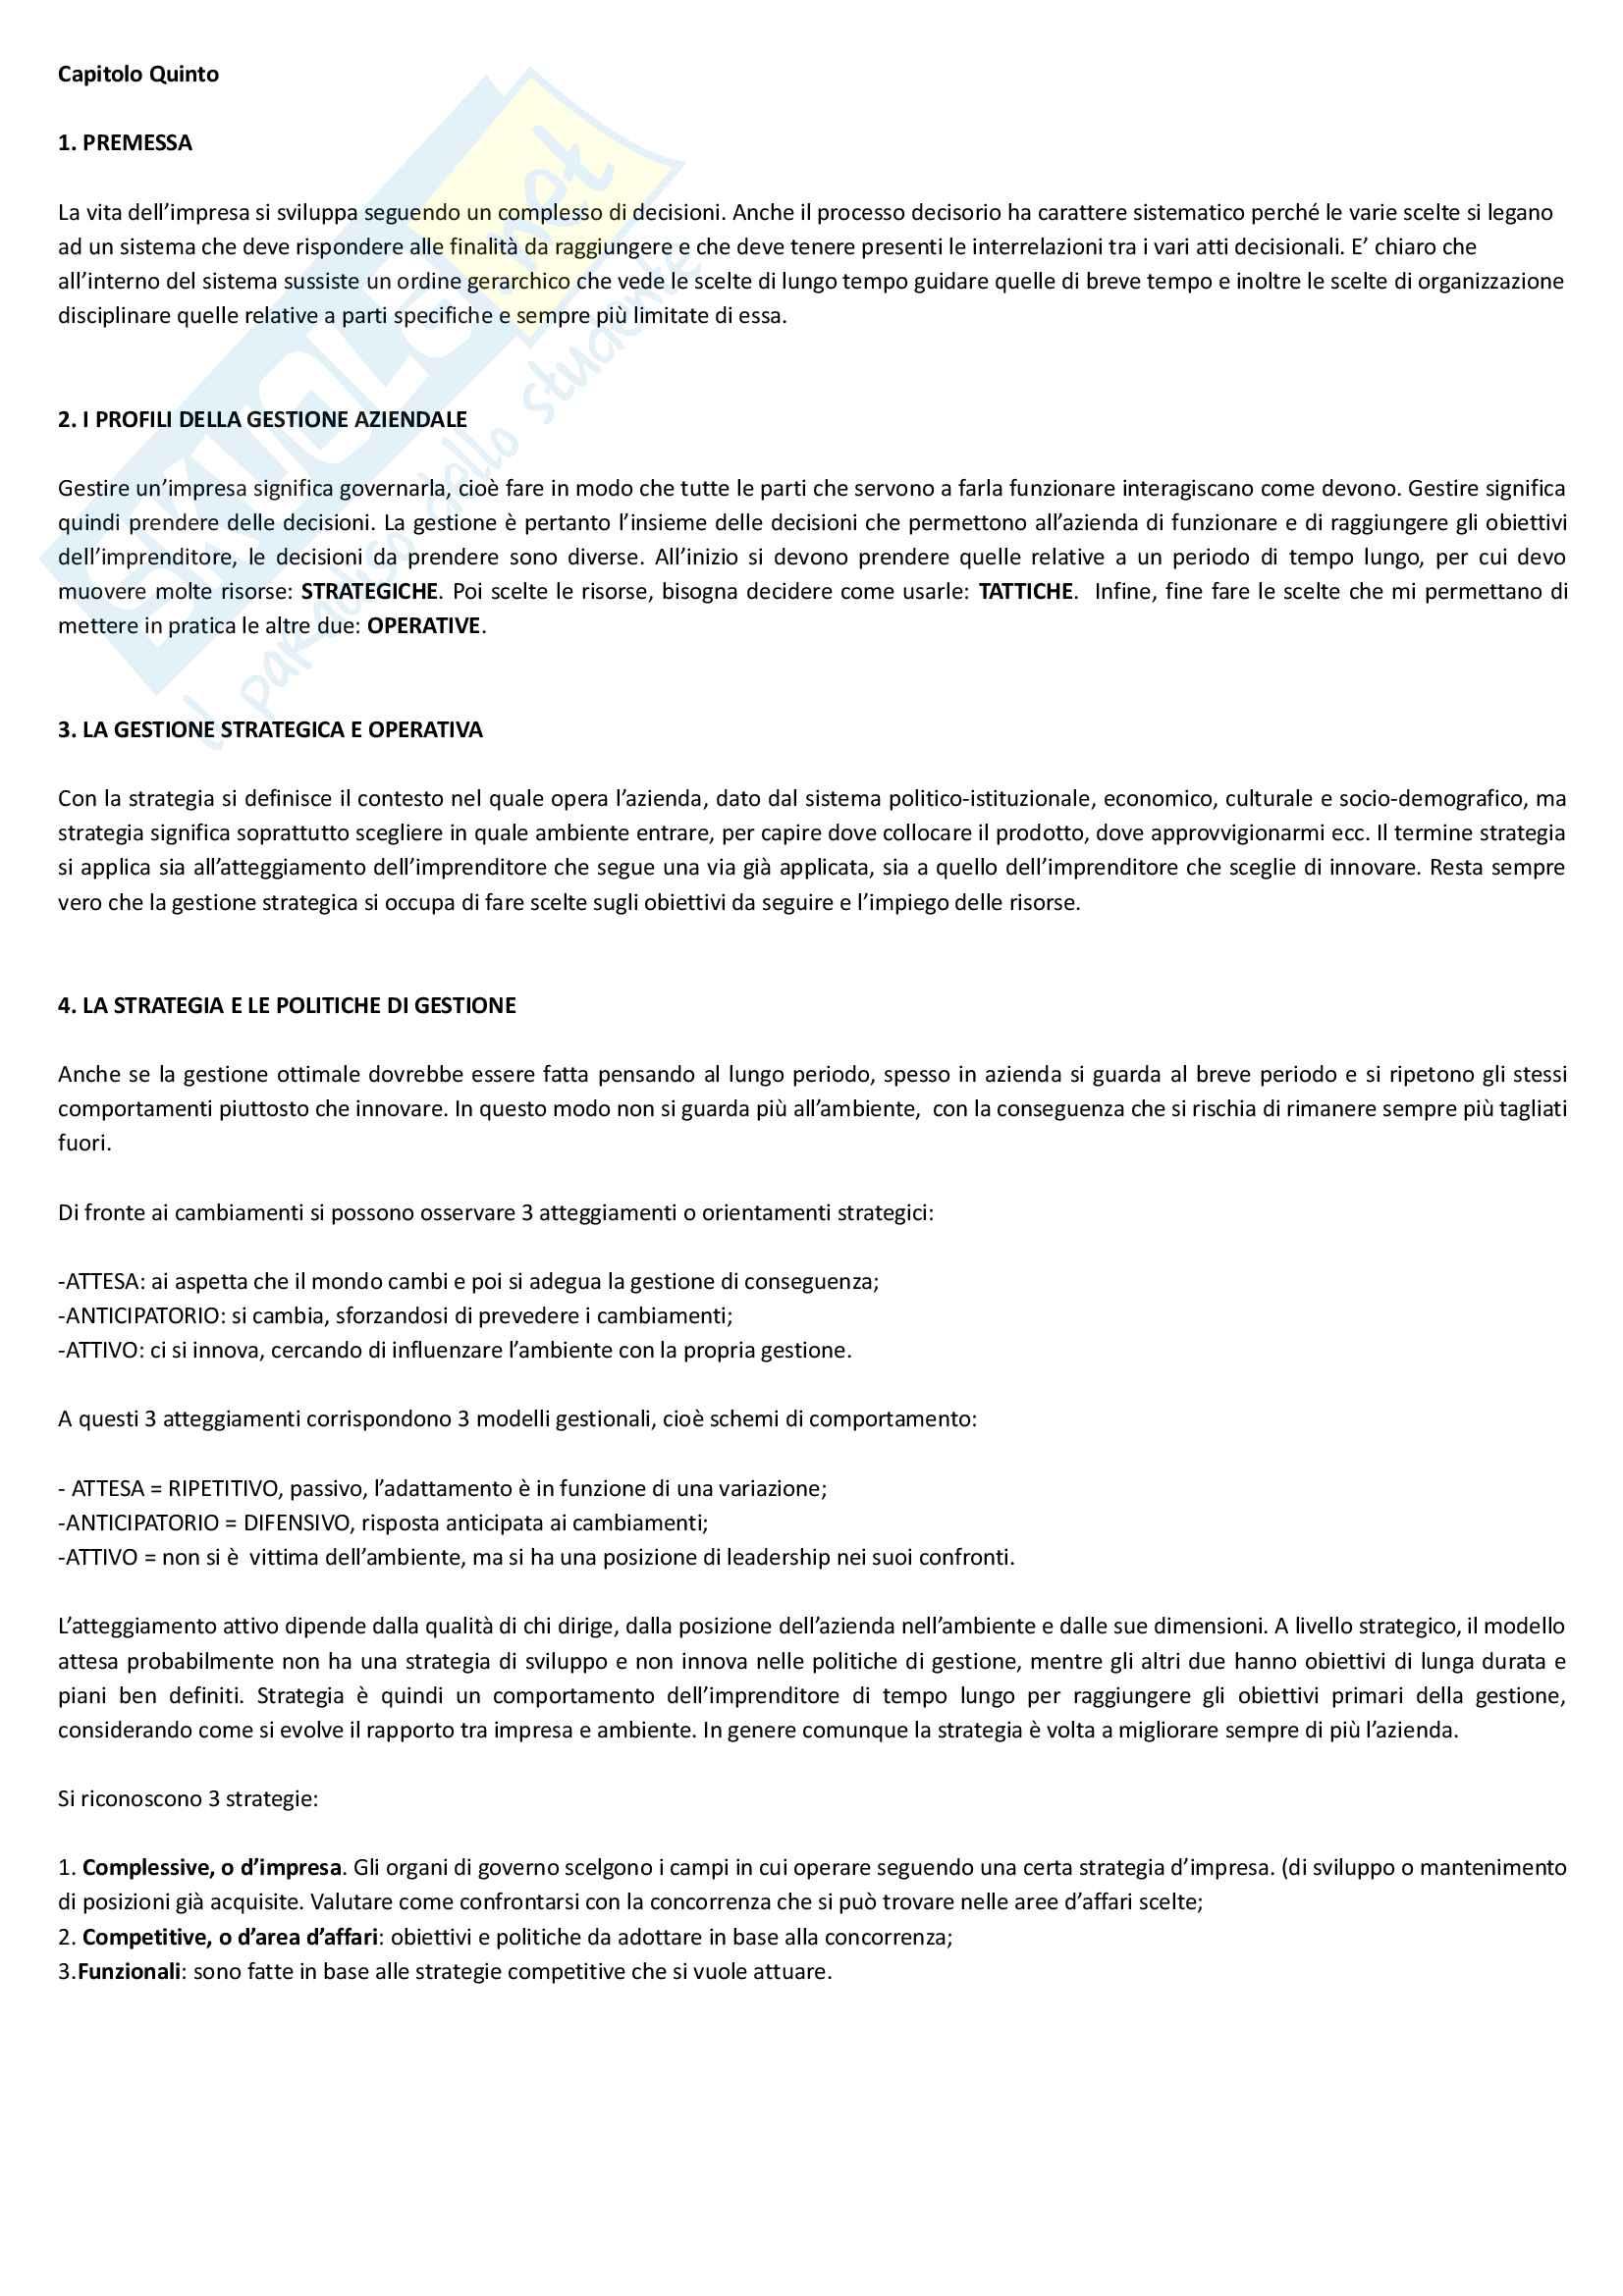 """Riassunto esame economia e gestione delle imprese, docente M. Colurcio, libro consigliato """"La gestione dell'impresa"""", Sciarelli Pag. 11"""